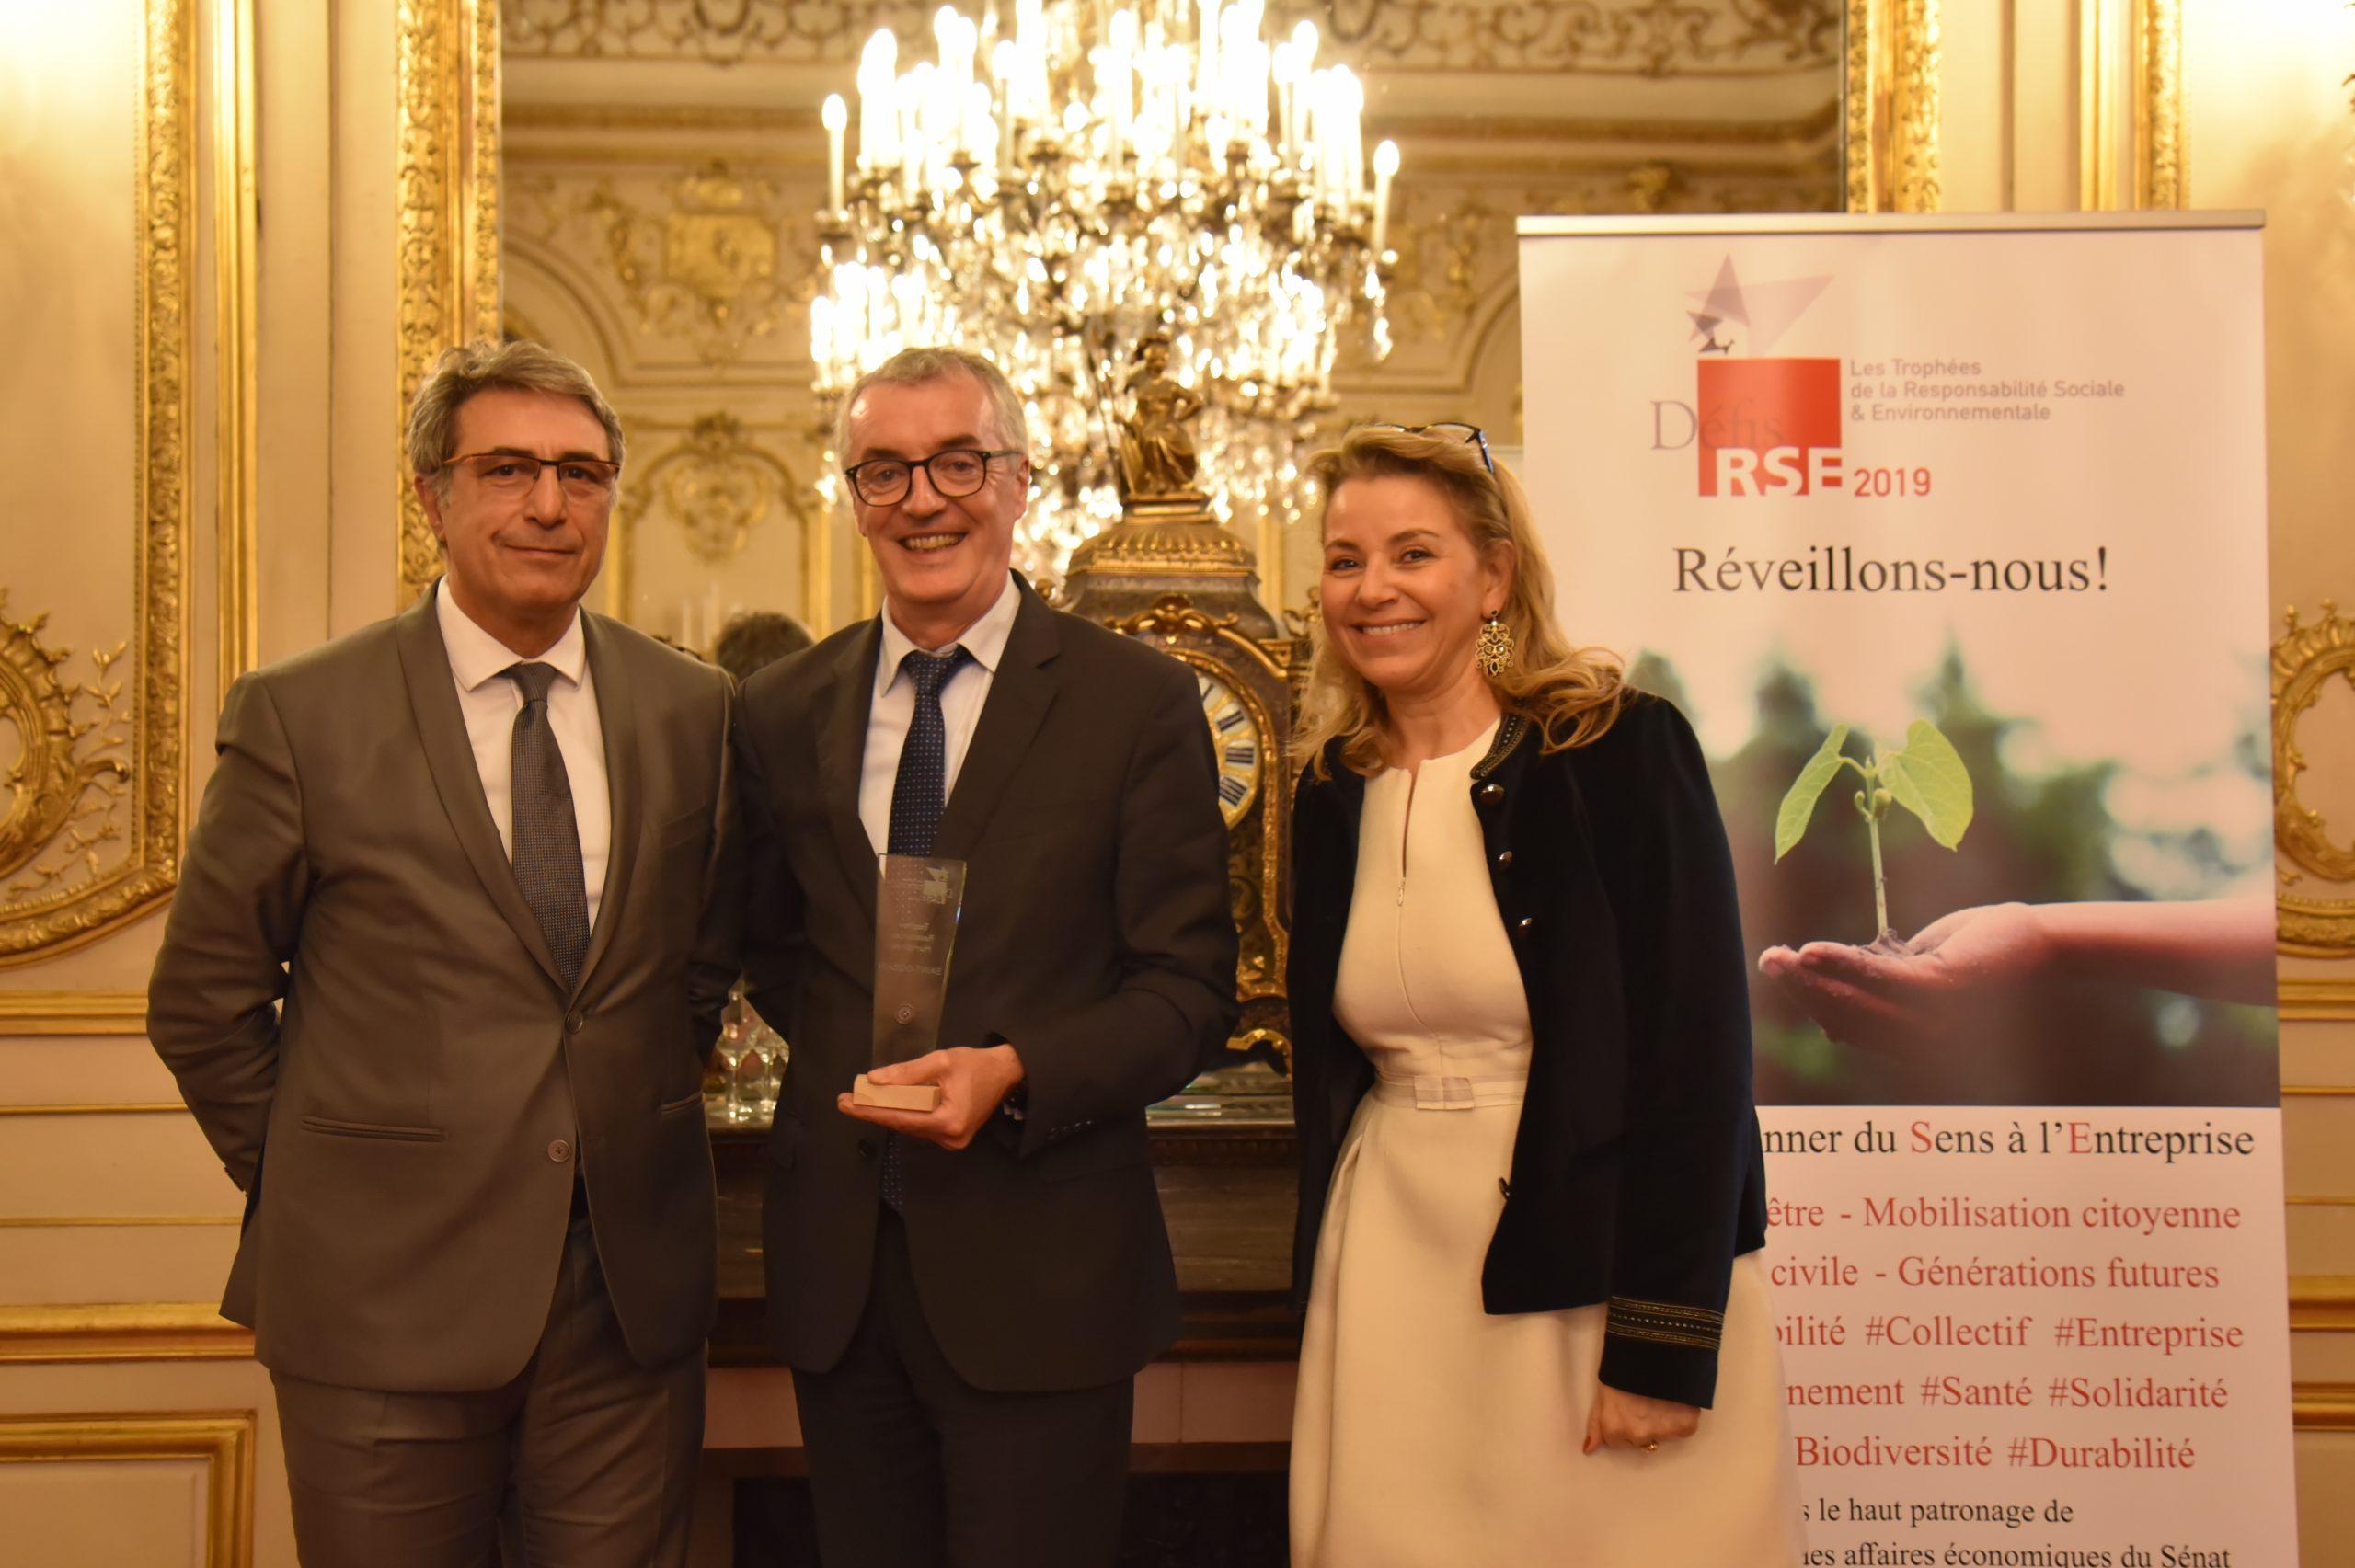 Trophée Défis RSE 2019 Ressources Humaines : Remettant : Jean-Louis Ribes, DSI – Lauréat : SAINT-GOBAIN, Régis Blugeon